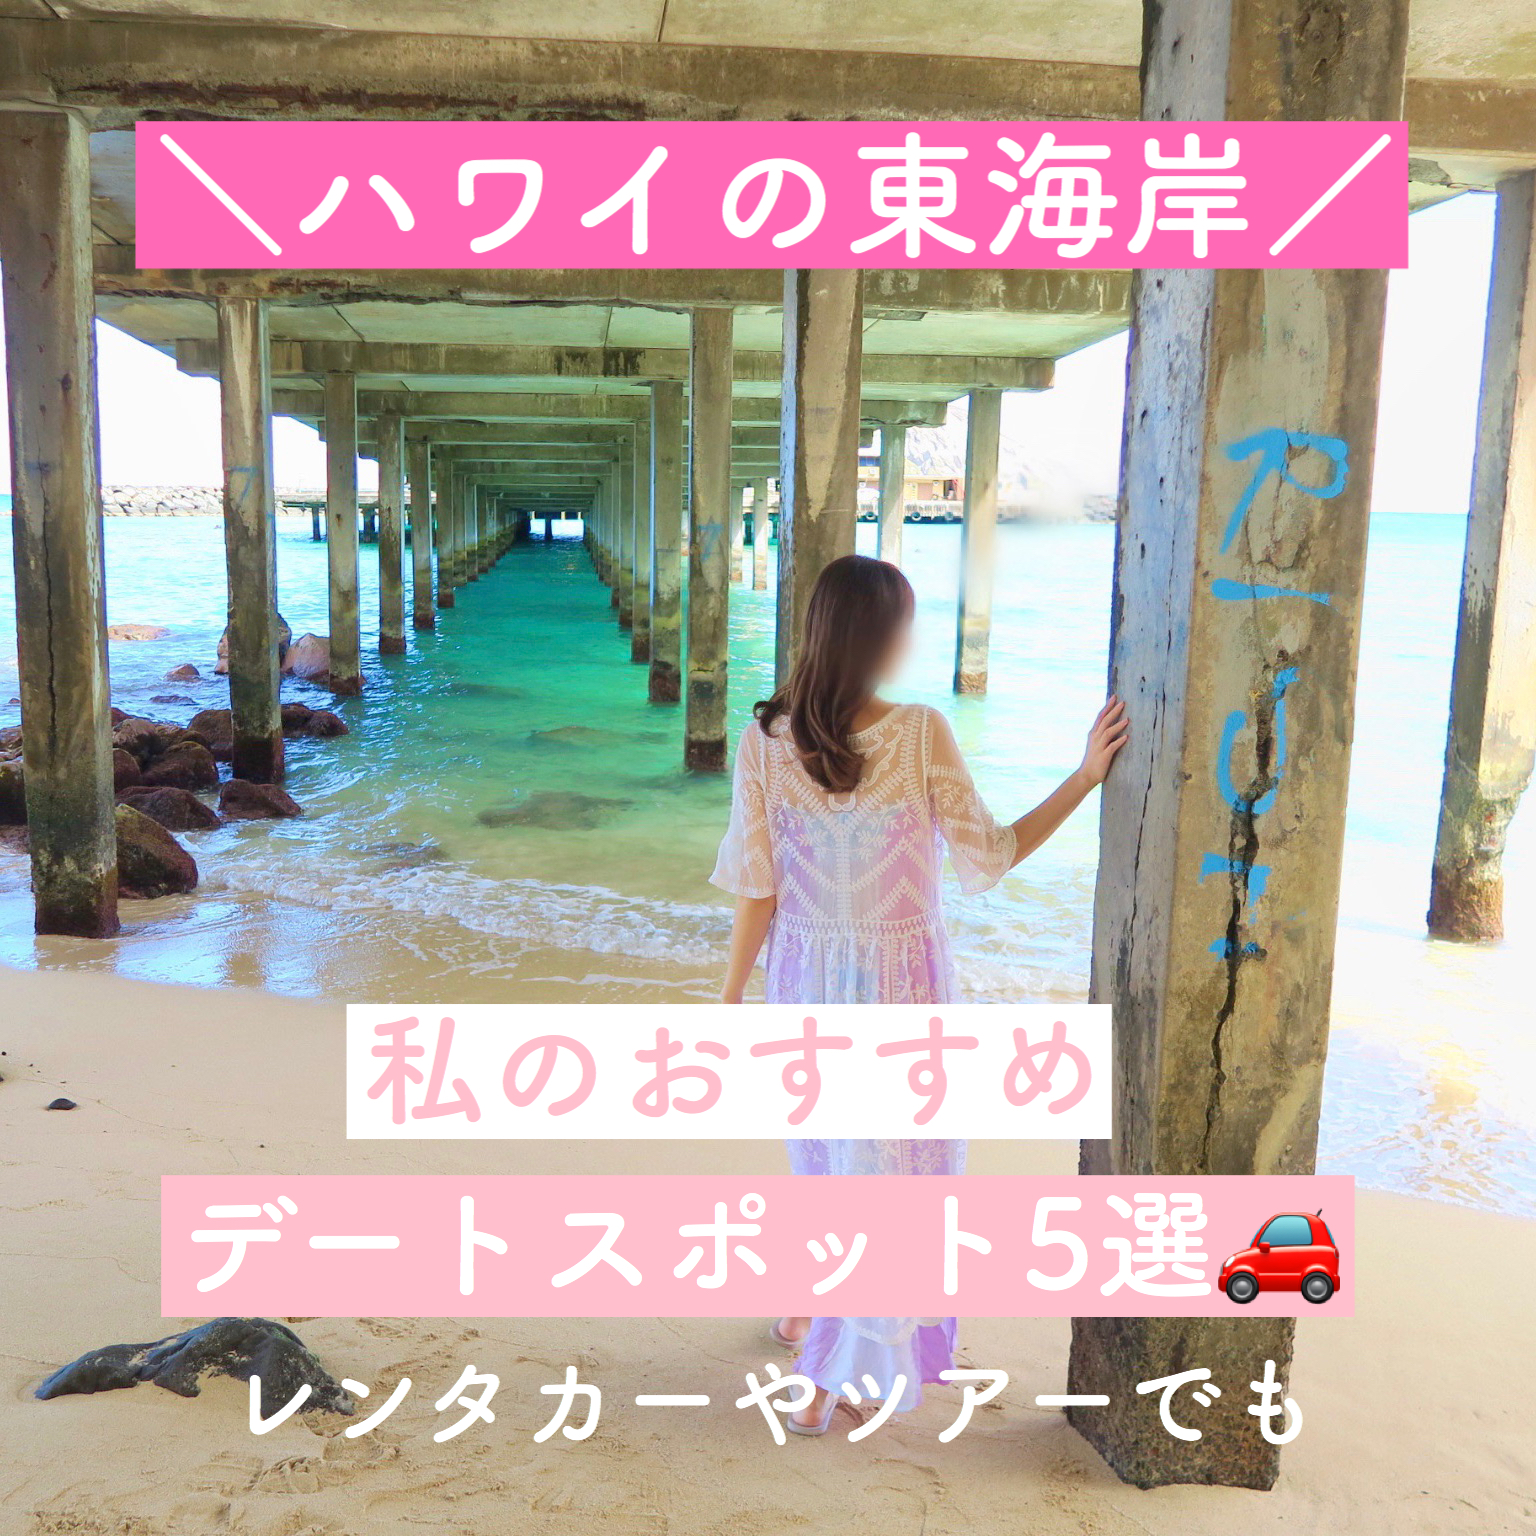 【ハワイ観光】東海岸ドライブ デートスポット5選【絶景】